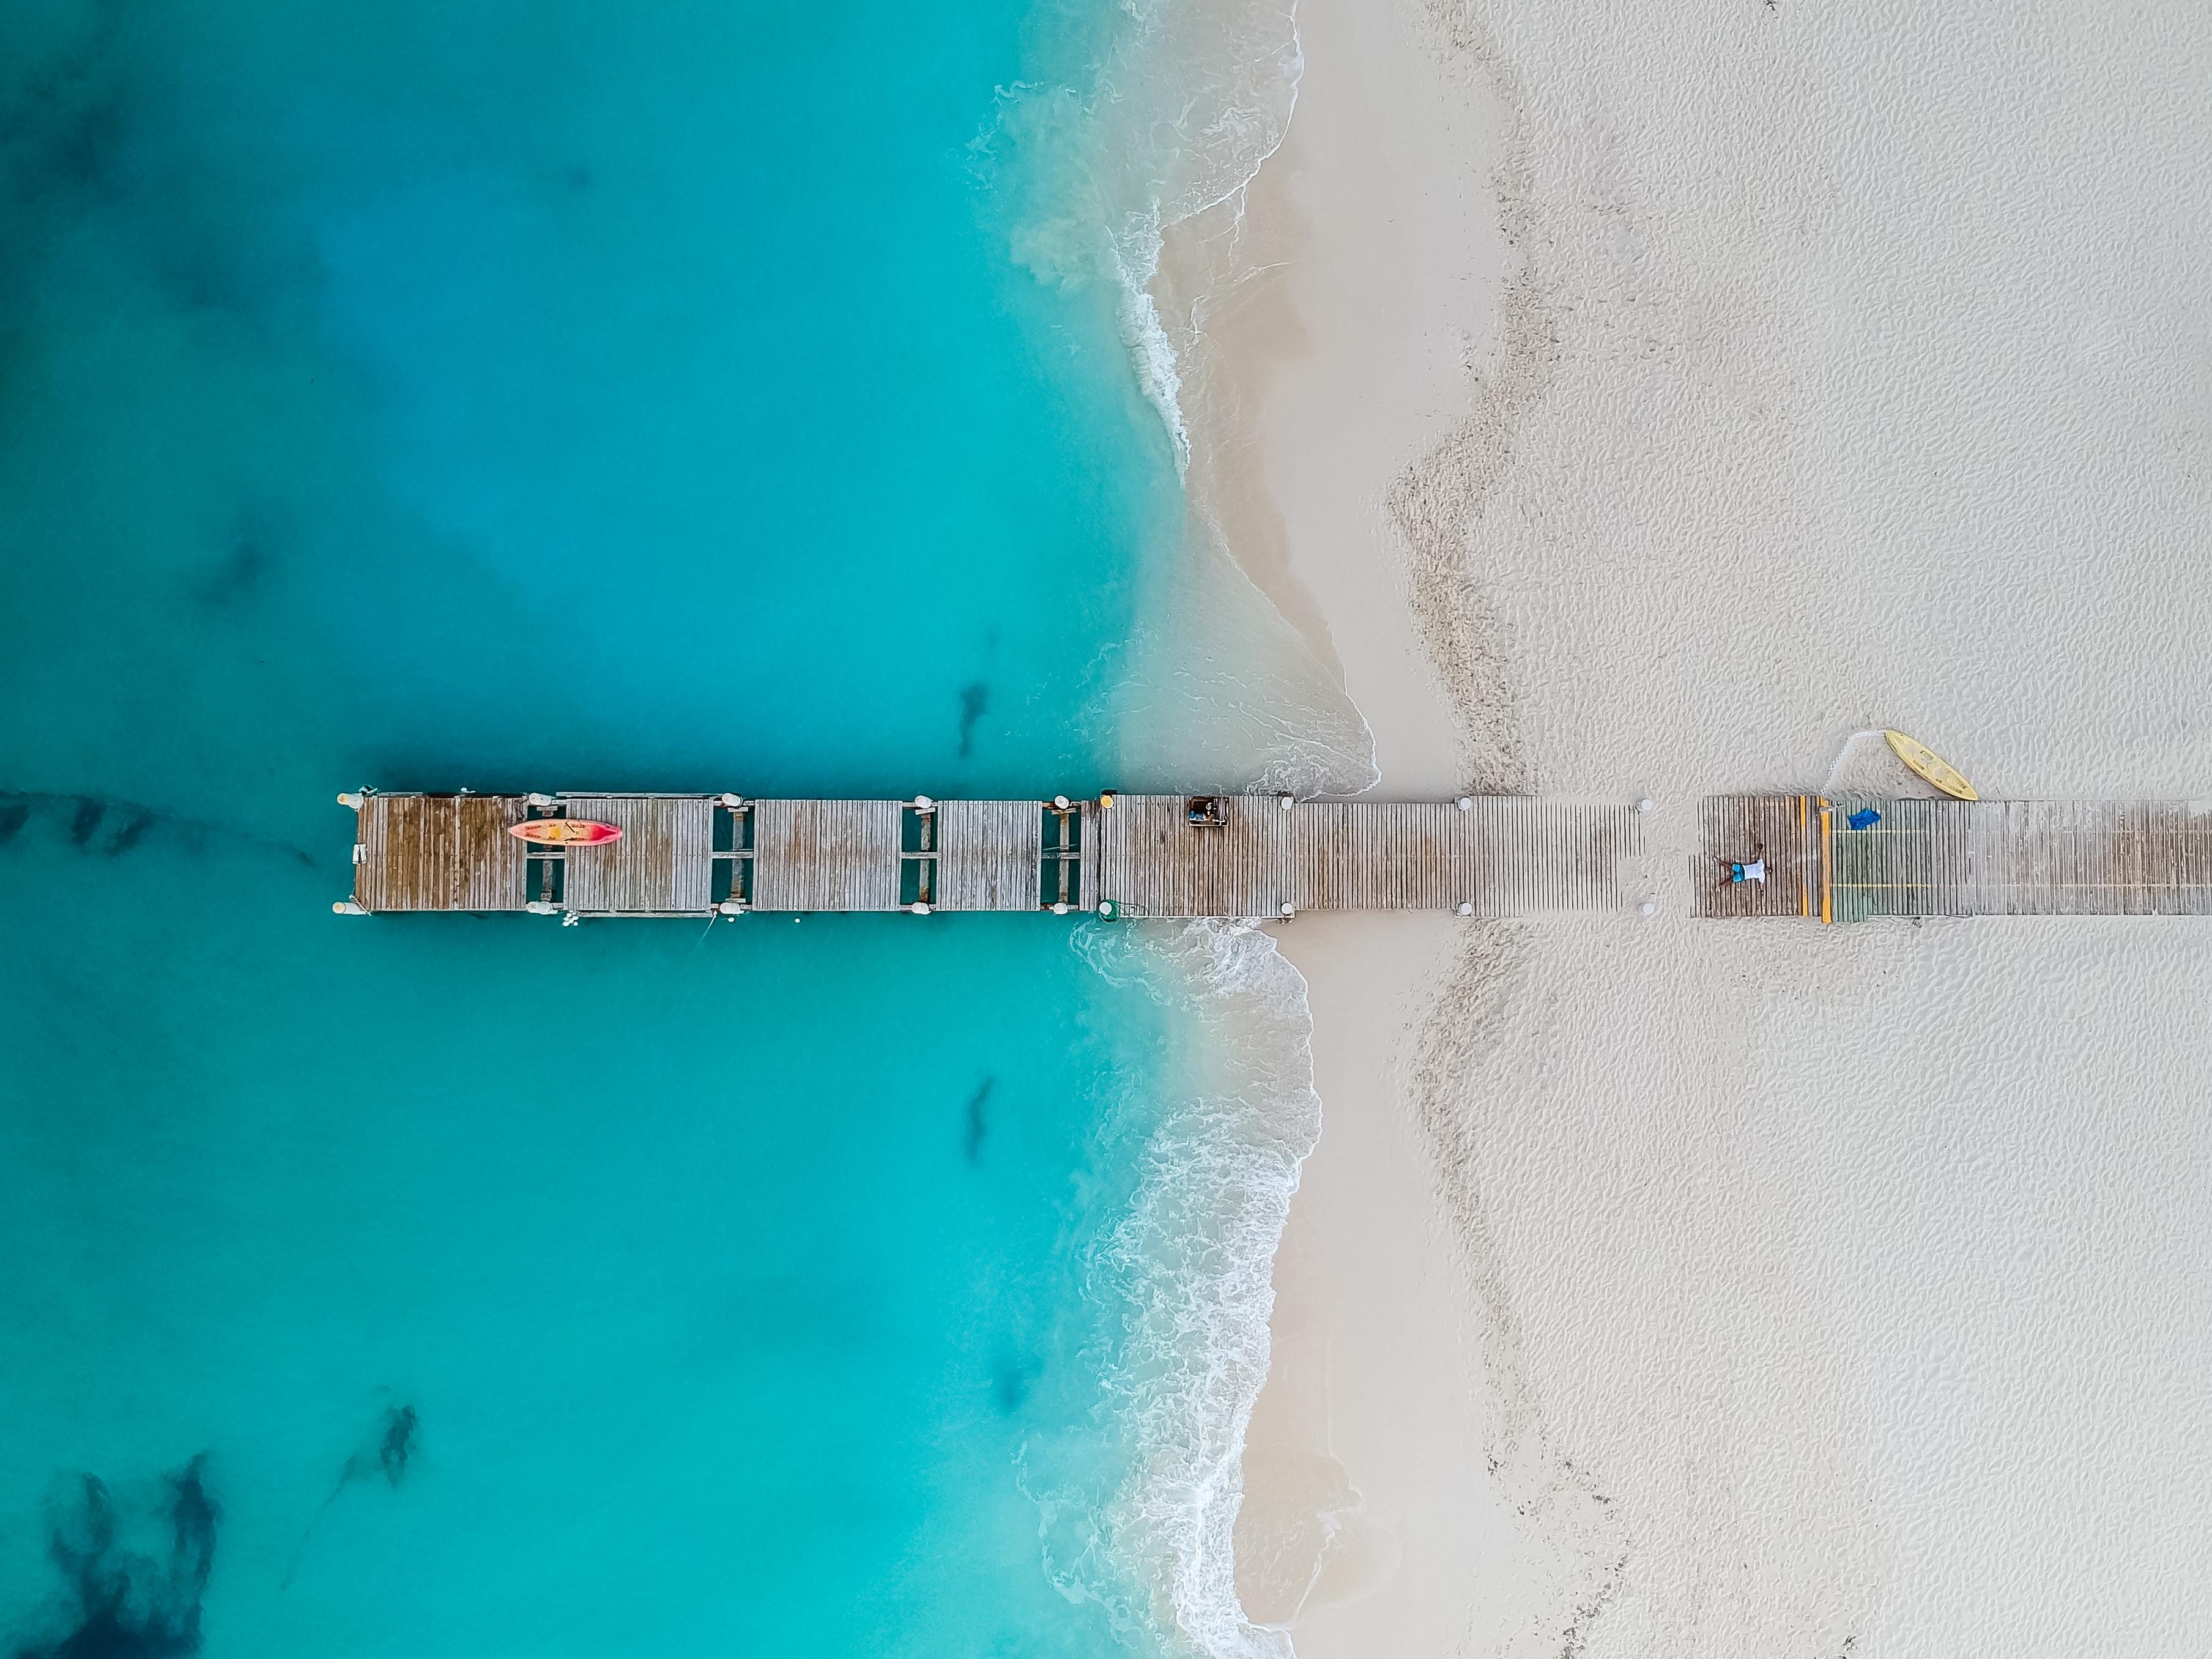 Grace Bay Beach, en las Islas Turcas y Caicos, es el tramo de arena más emblemático e impresionante del mundo. Se trata de una playa de fina arena blanca y un mar increíblemente turquesa